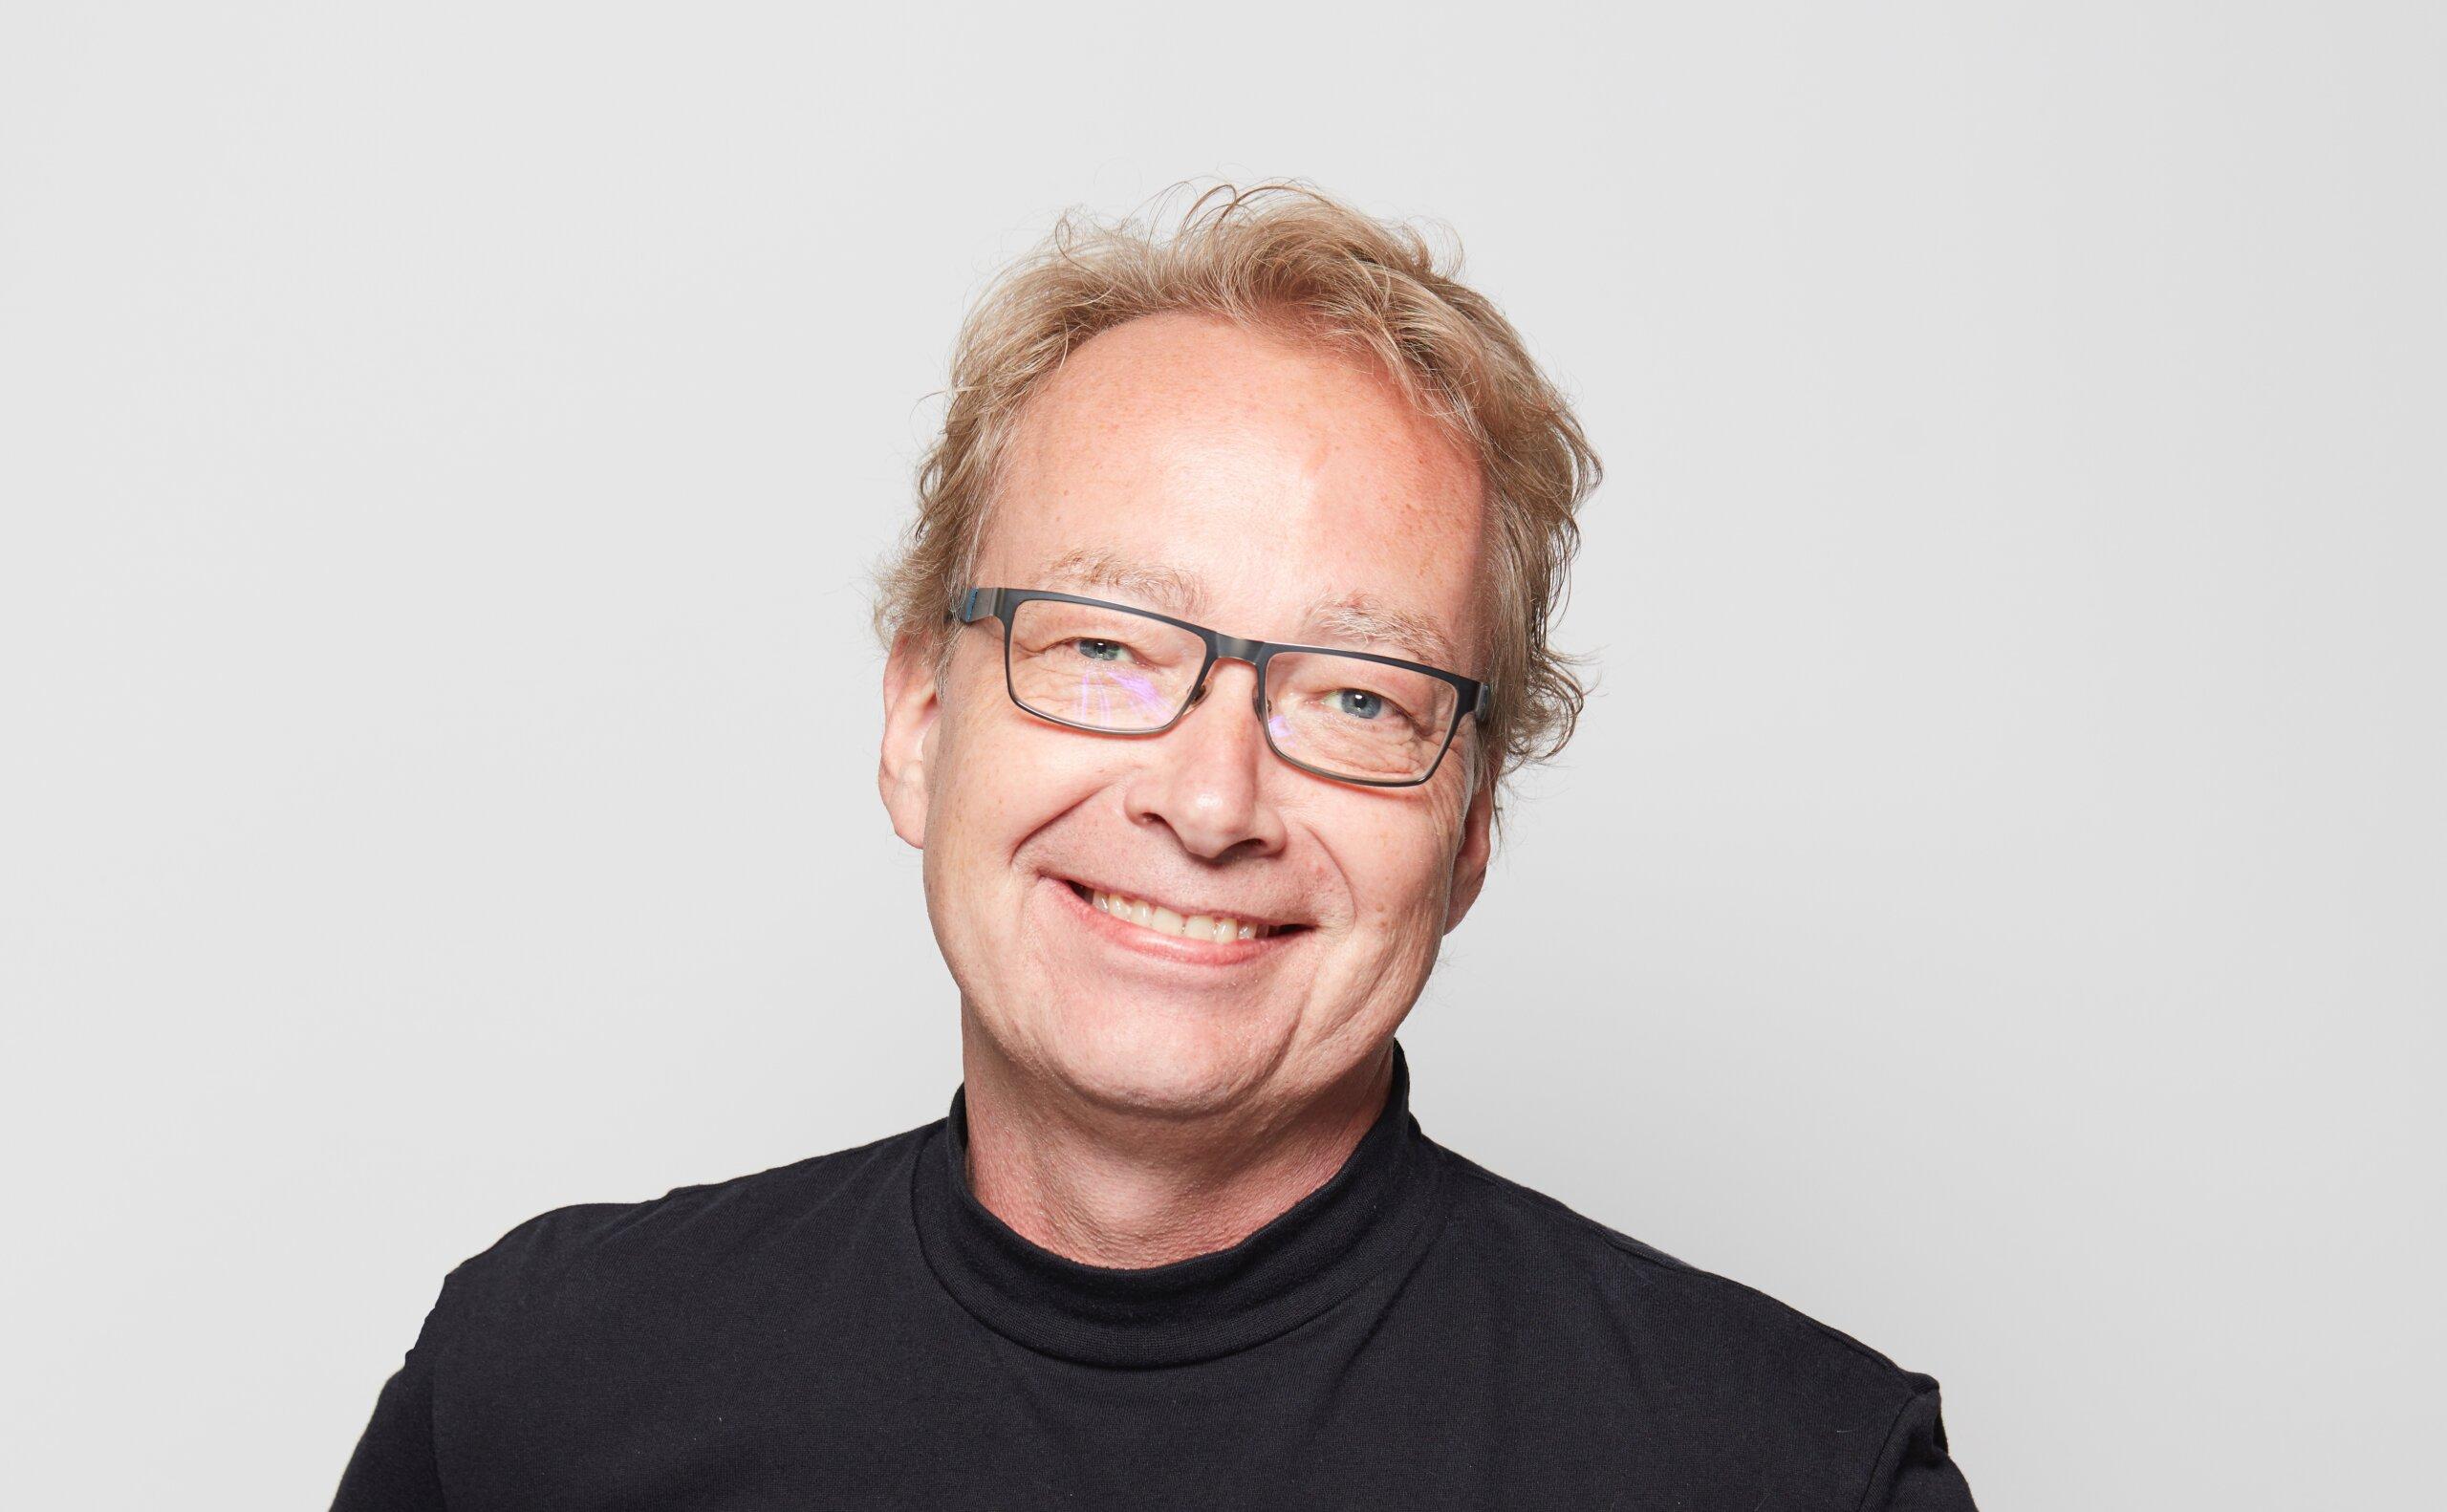 Effiziente Meetings: Uwe Günter-von Pritzbuer im Experten-Interview